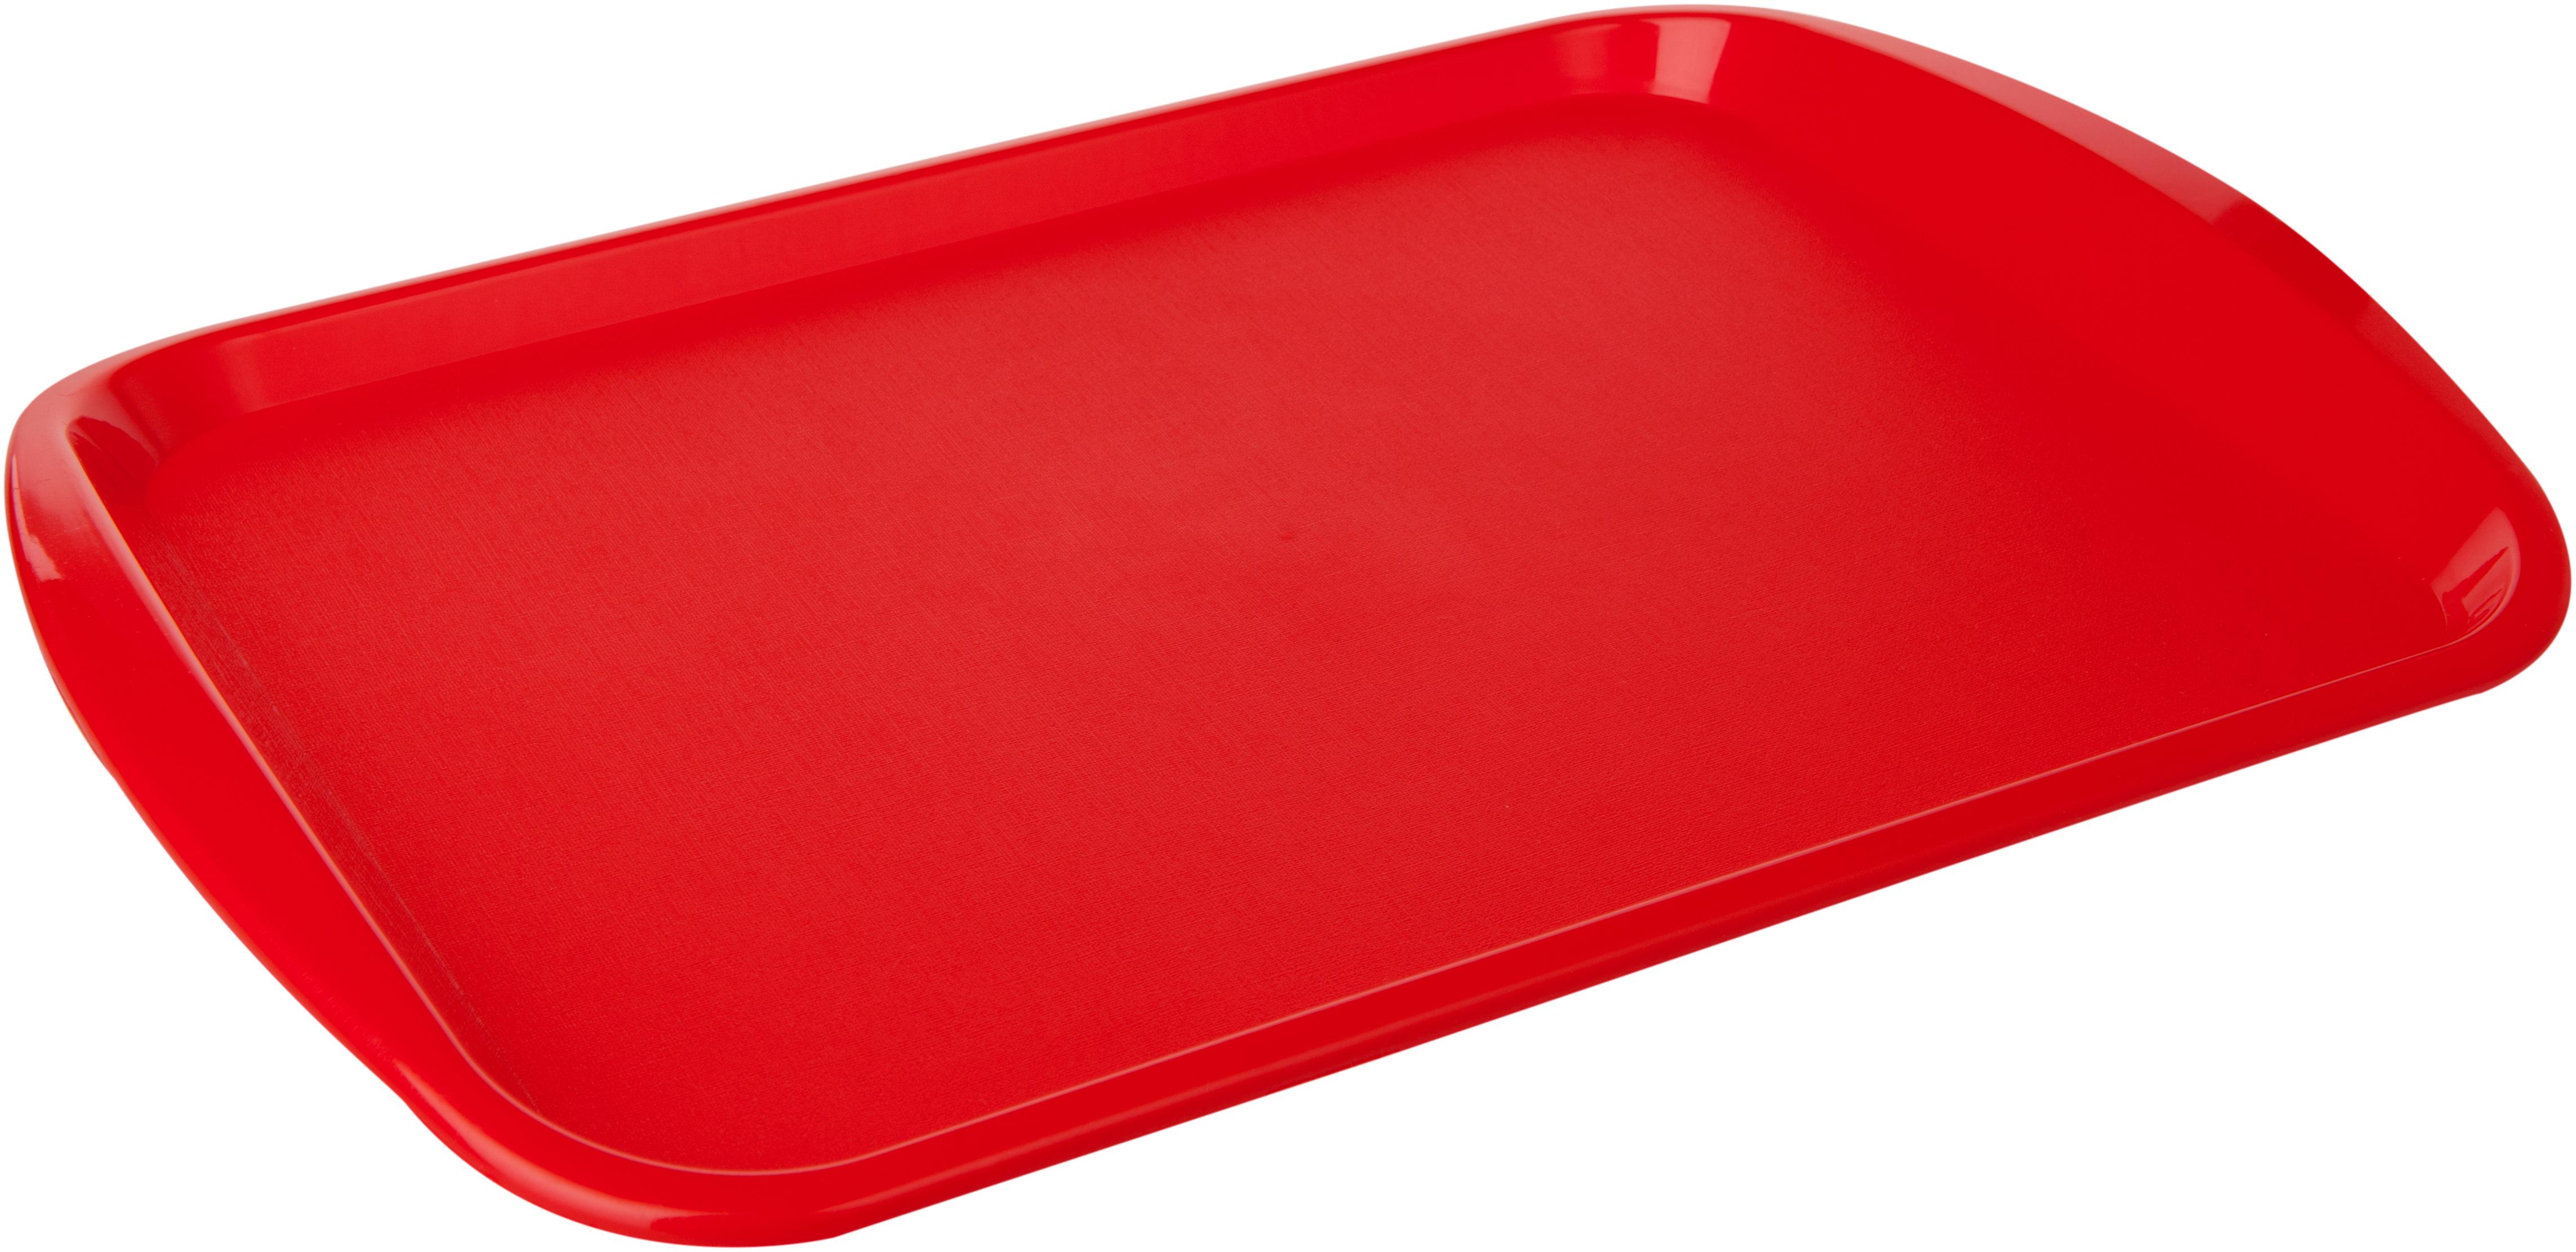 Поднос Plast Team, цвет: красный, прямоугольный, 43,5 х 30,5 х 2,5 смPT9215КР-20РNКрепкий, ударопрочный поднос выдерживает повышенную нагрузку. Удобные боковые ручки для захвата. Покрытие шагрень на внутренней поверхности препятству